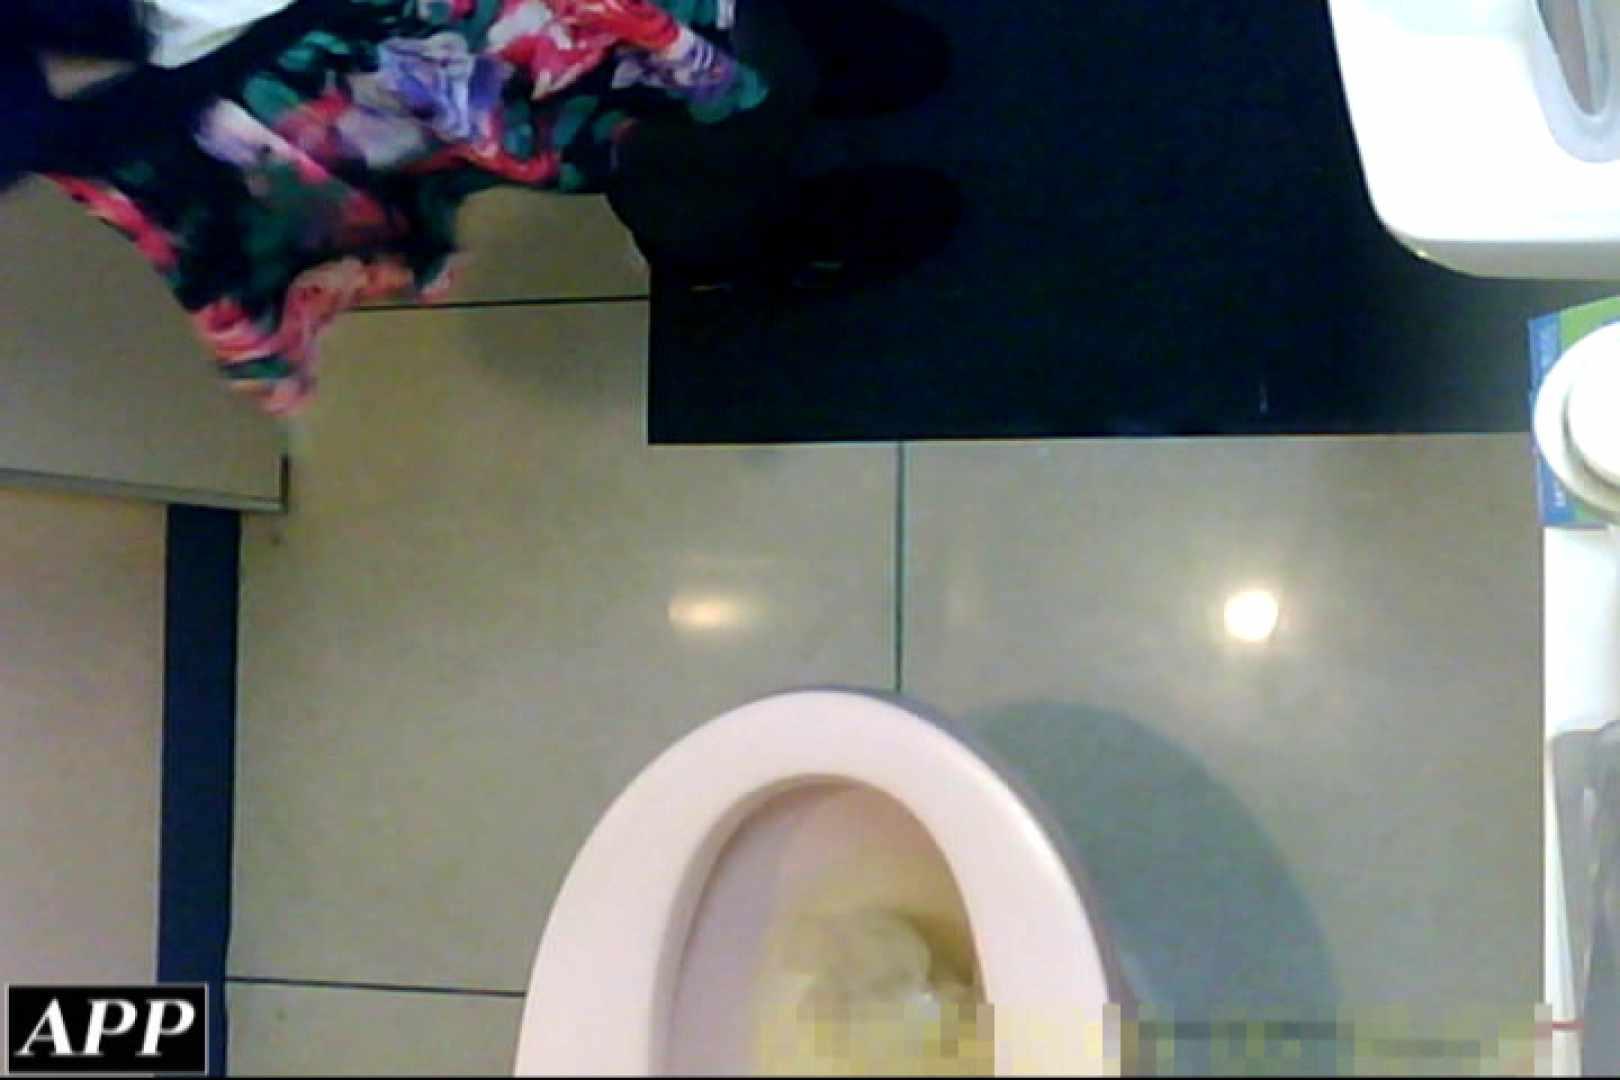 3視点洗面所 vol.88 オマンコ | 洗面所  58画像 31